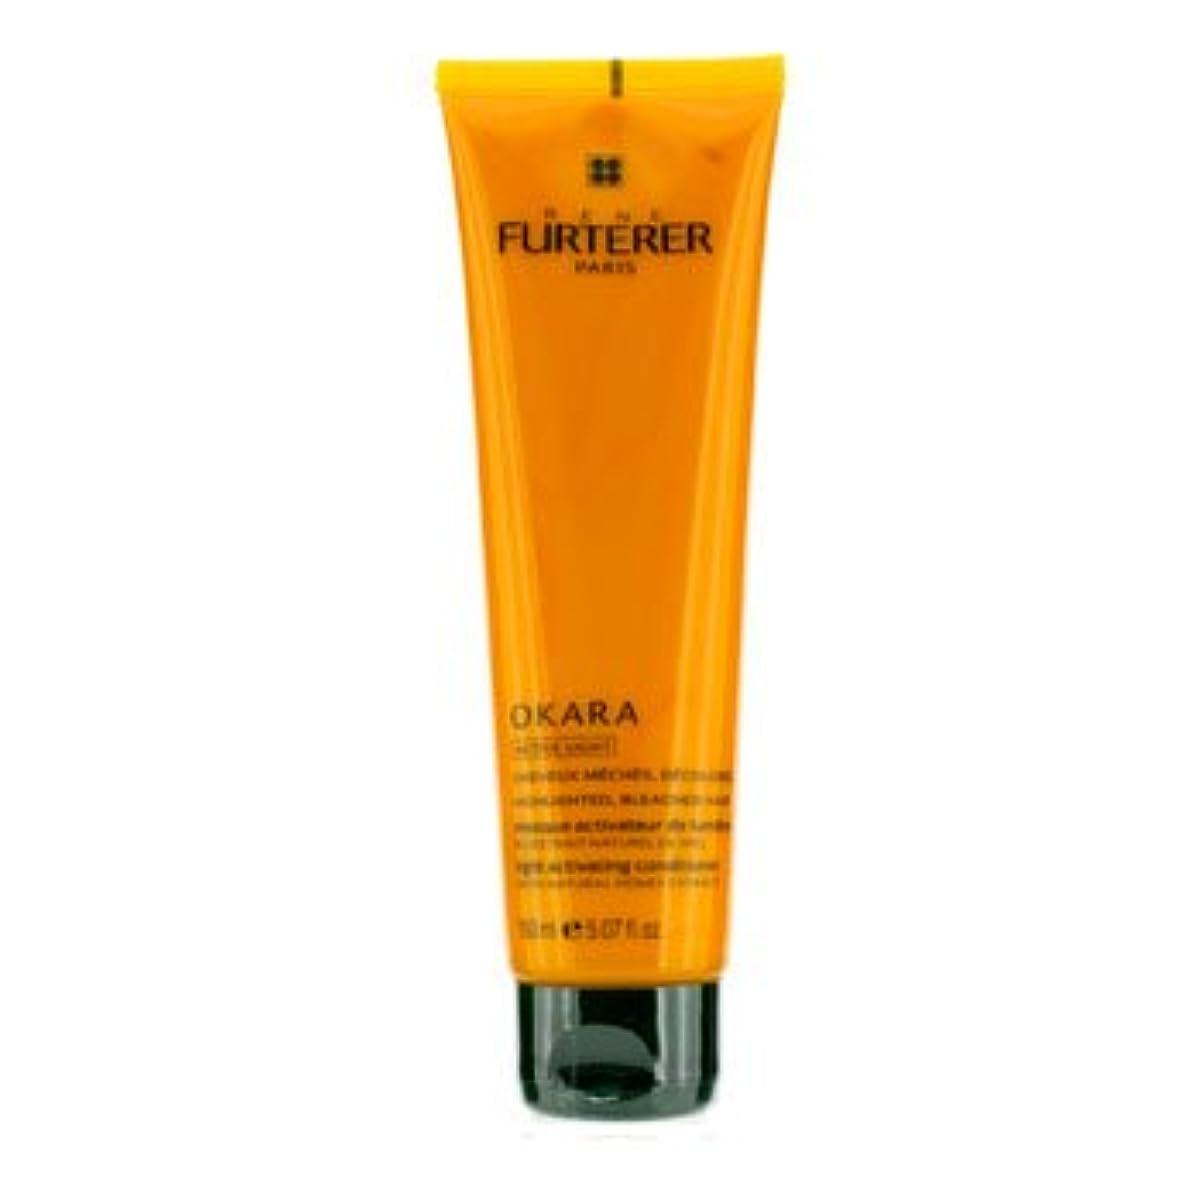 暴露する港ブレーク[Rene Furterer] Okara Light Activating Conditioner (For Highlighted Bleached Hair) 150ml/5.07oz